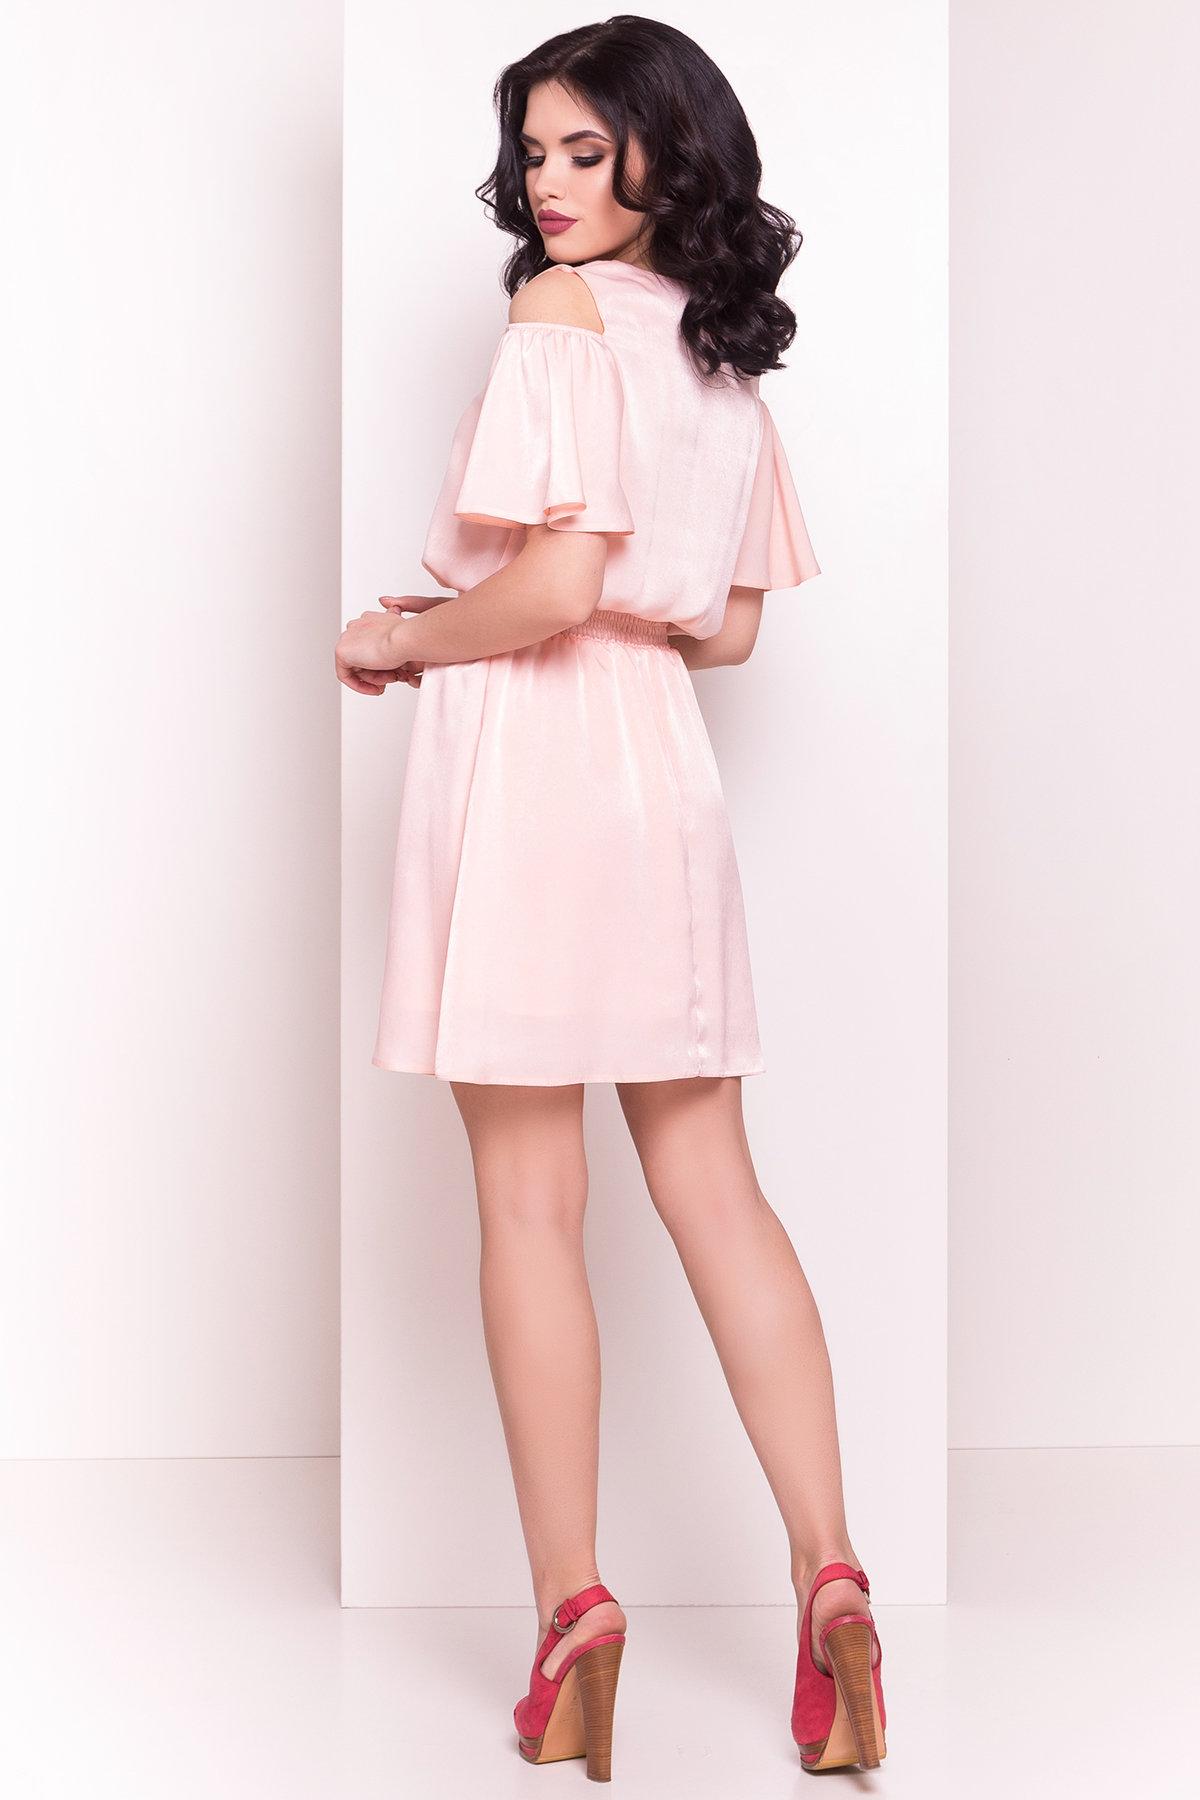 Платье Лолли 5073 АРТ. 35582 Цвет: Пудра - фото 3, интернет магазин tm-modus.ru